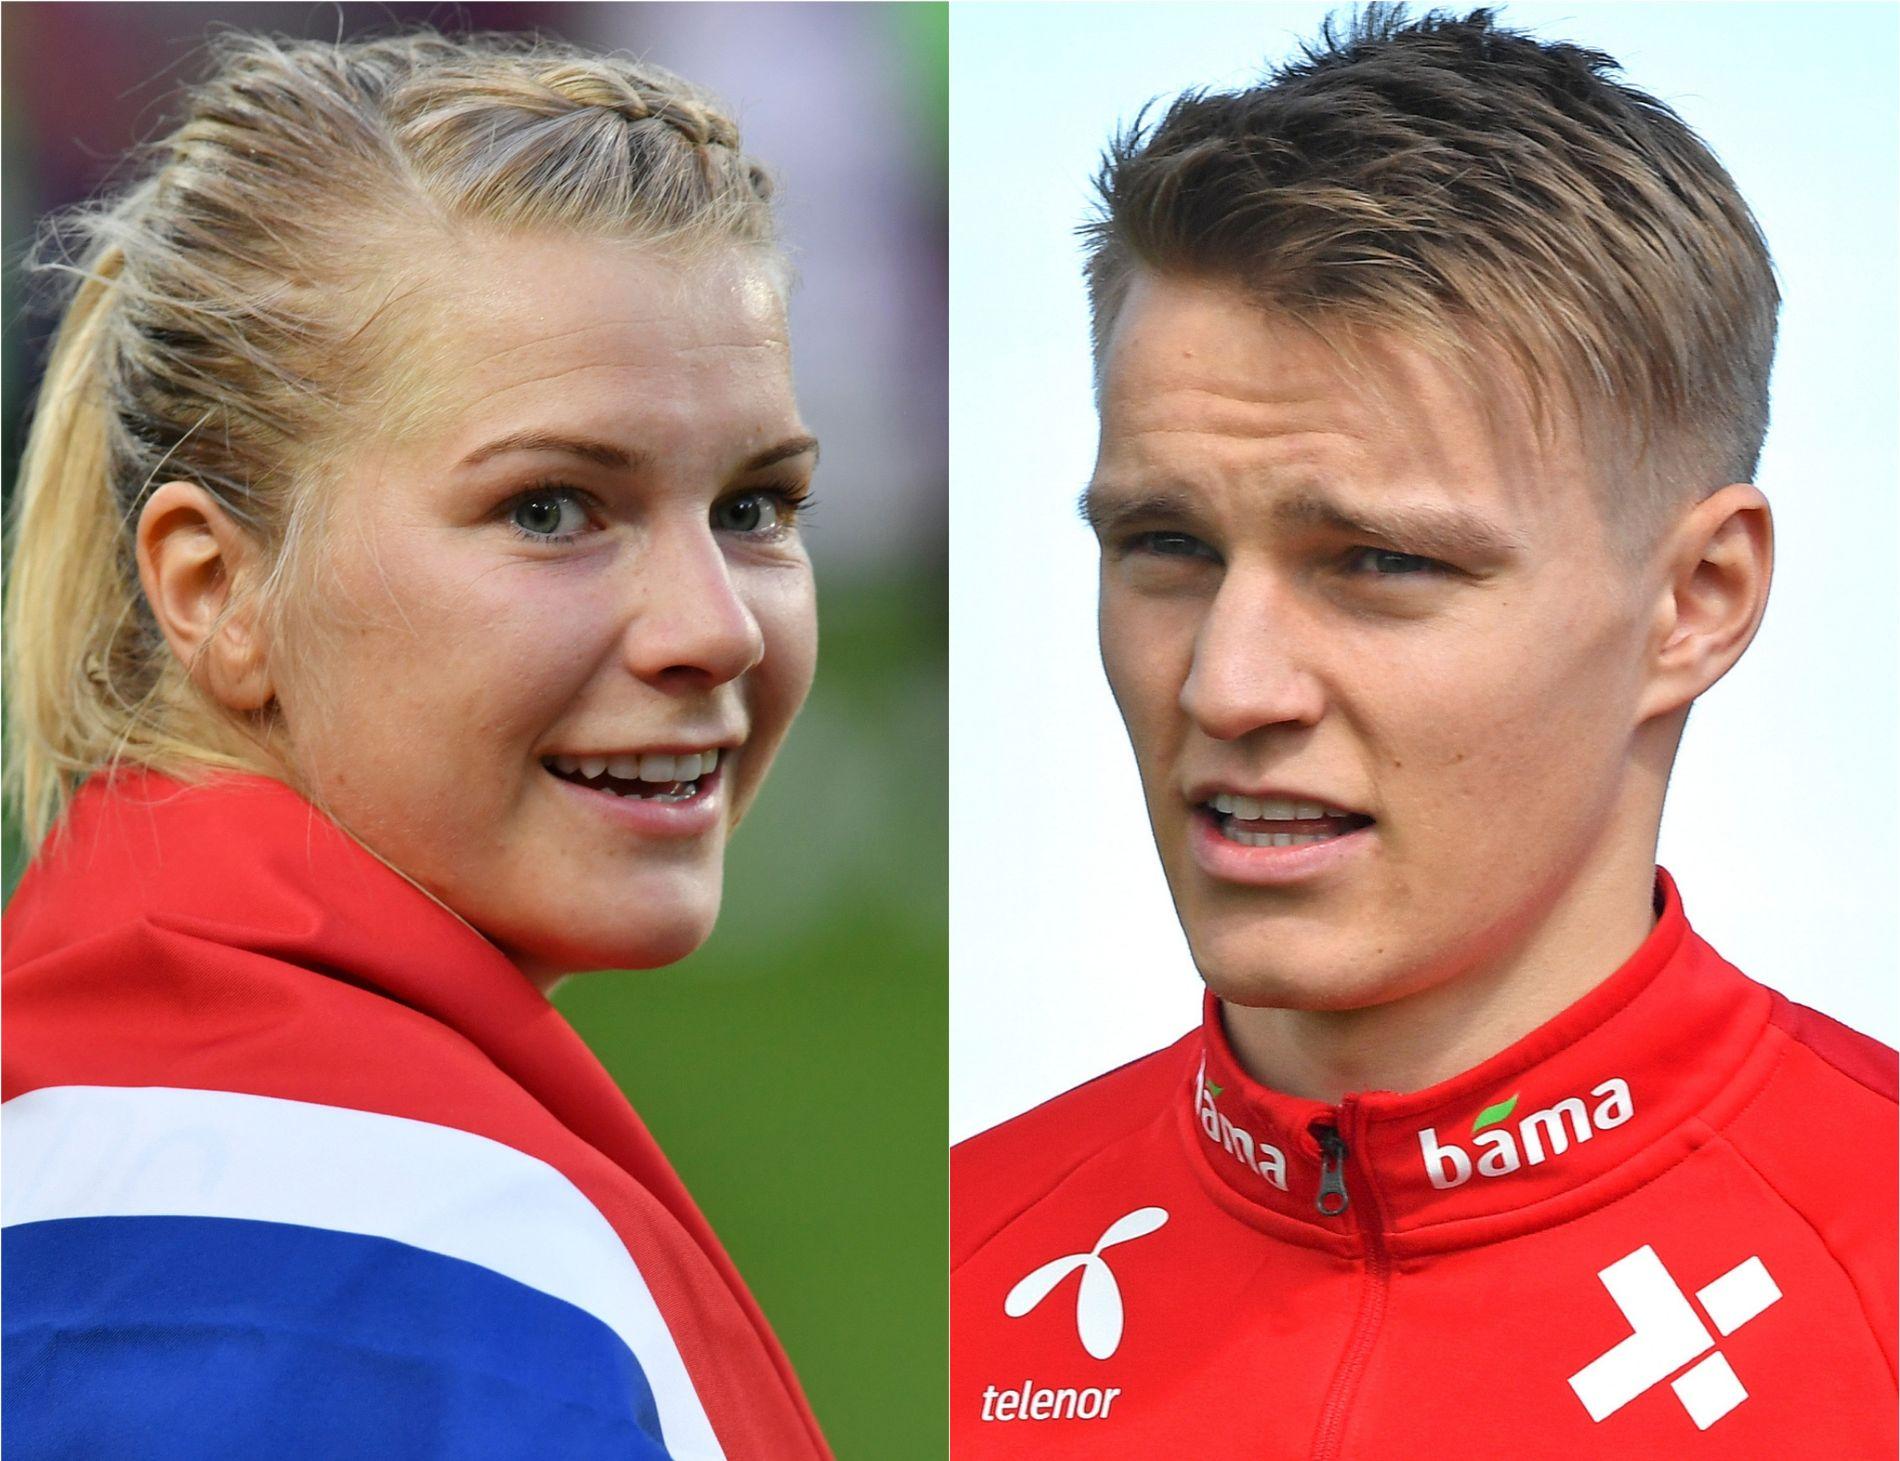 FOTBALLSTJERNER: Lyons Ada Hegerberg og Real Sociedads Martin Ødegaard er to av Norges mest profilerte fotballspillere.